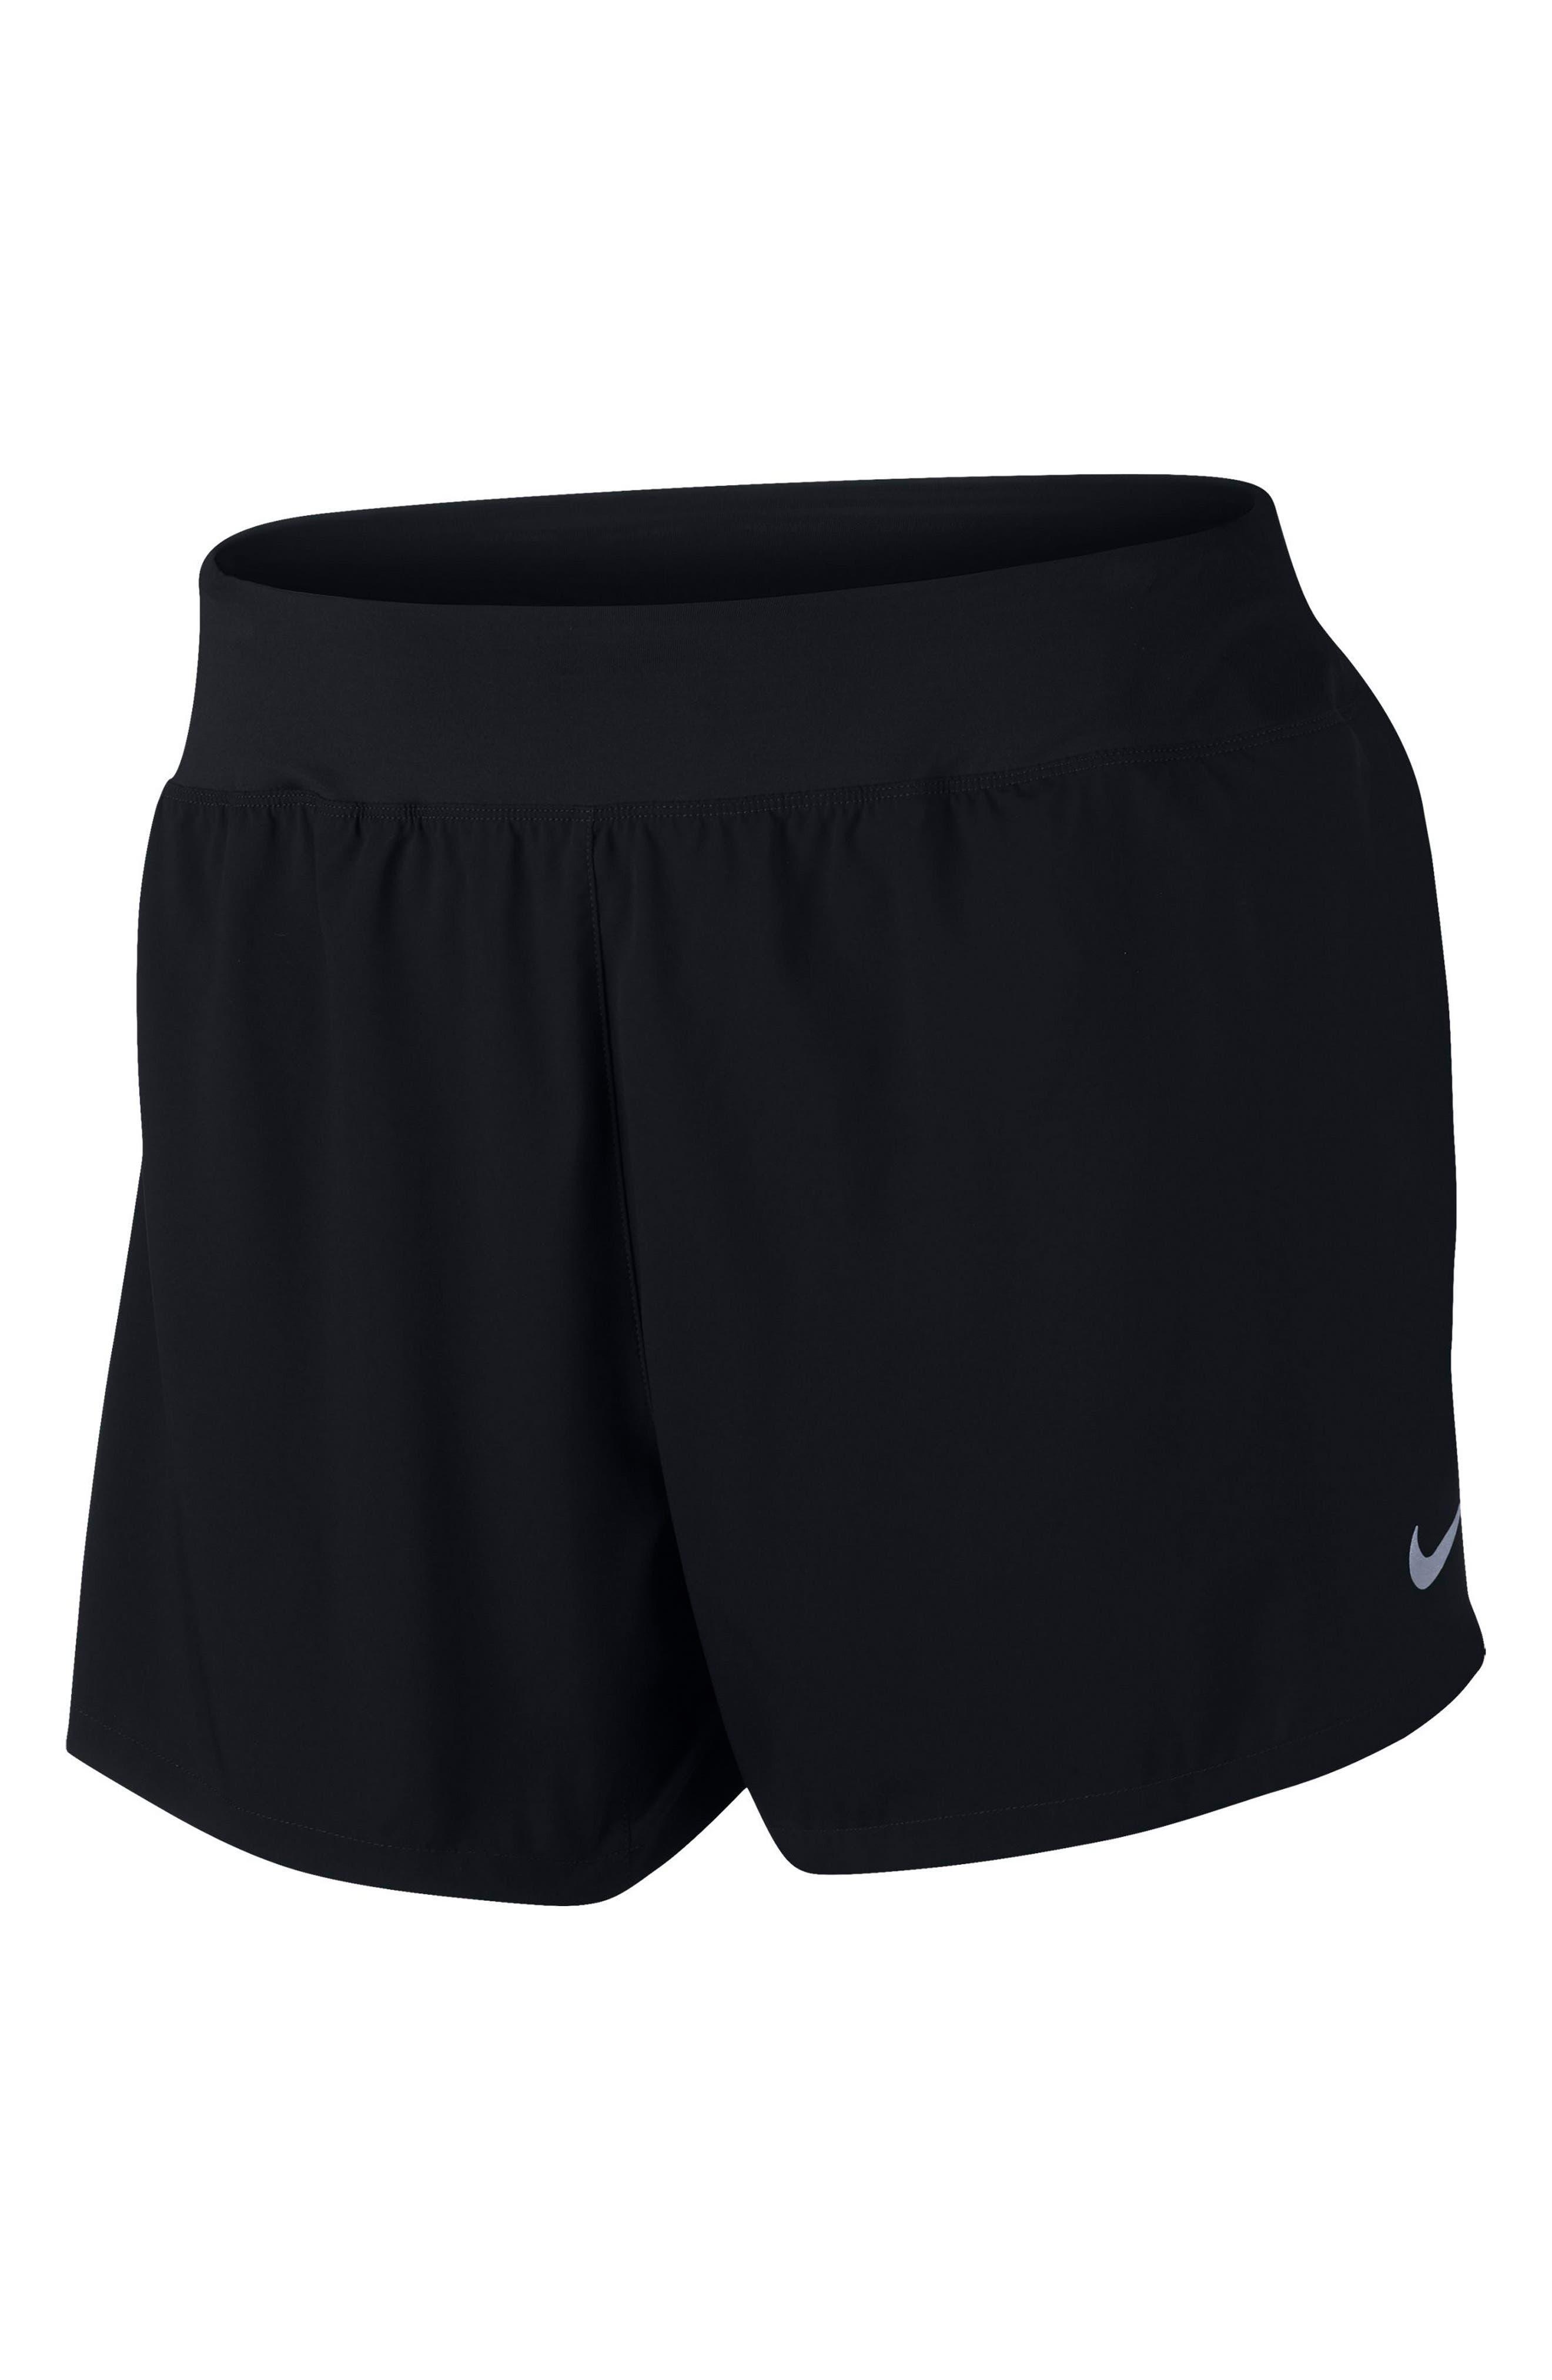 Flex Dry Running Shorts,                         Main,                         color, 010